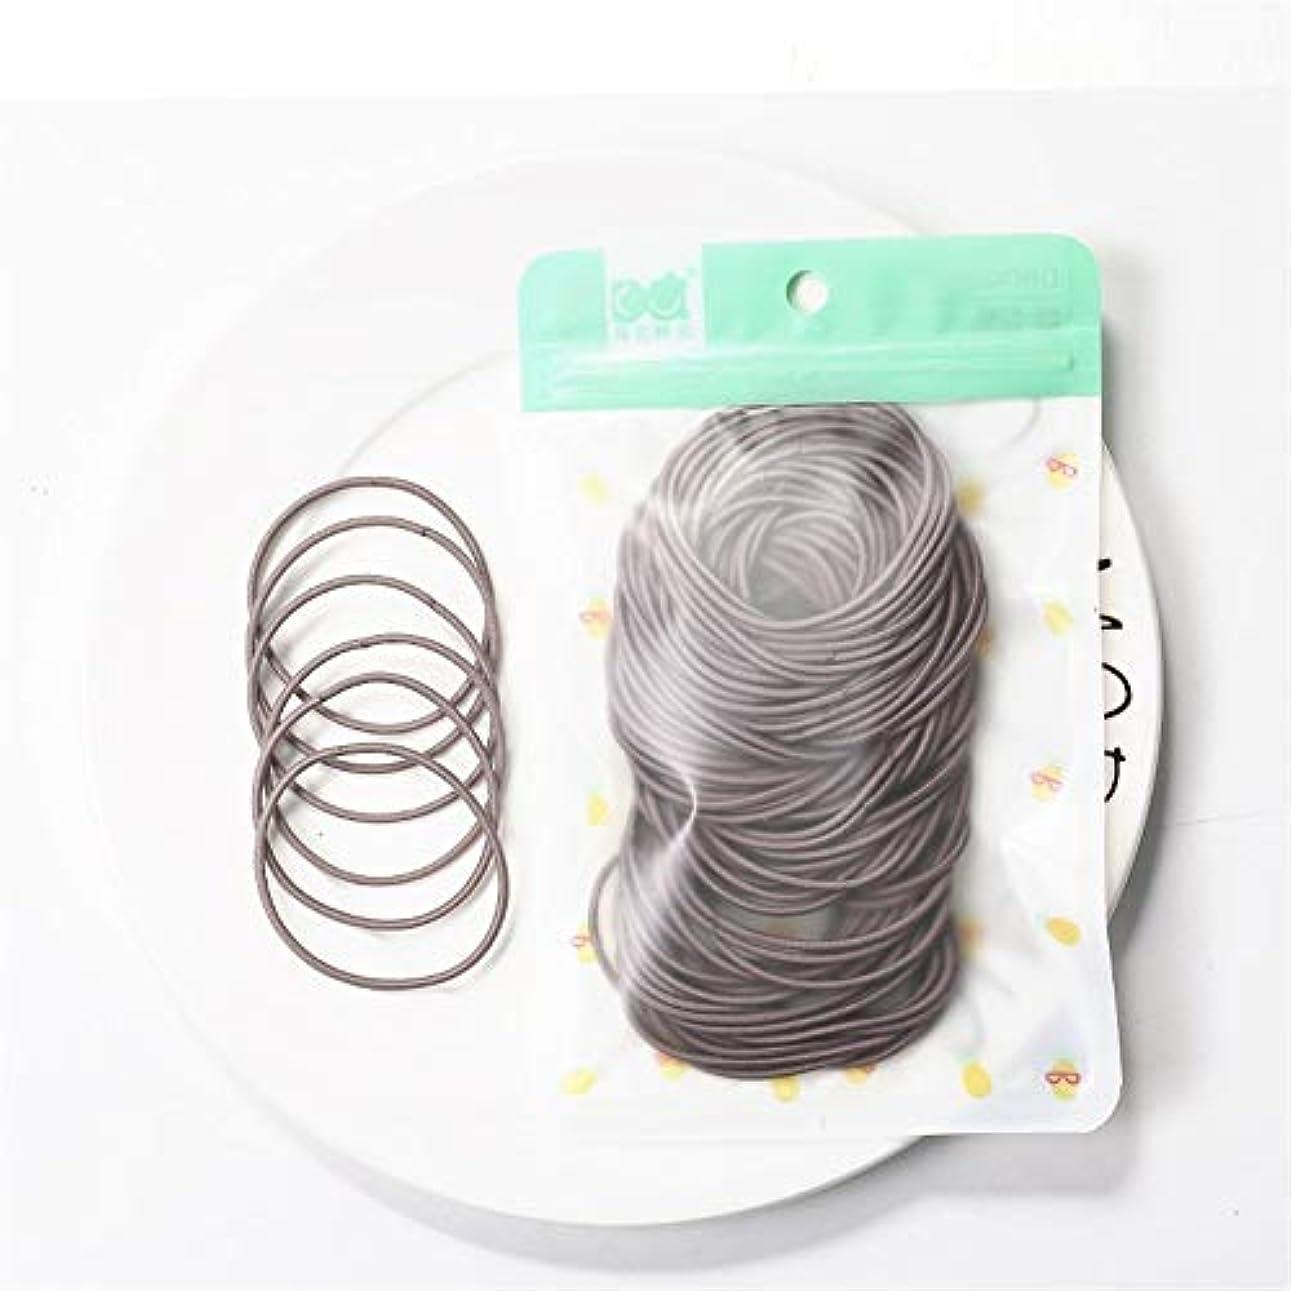 冷蔵庫兄弟愛愛ZHILI 髪のためのシュシュ弾性ヘアバンドヘッドバンドの女の子の装飾タイガムgummibänderヘアアクセサリーの女性の100枚 (Color : E)